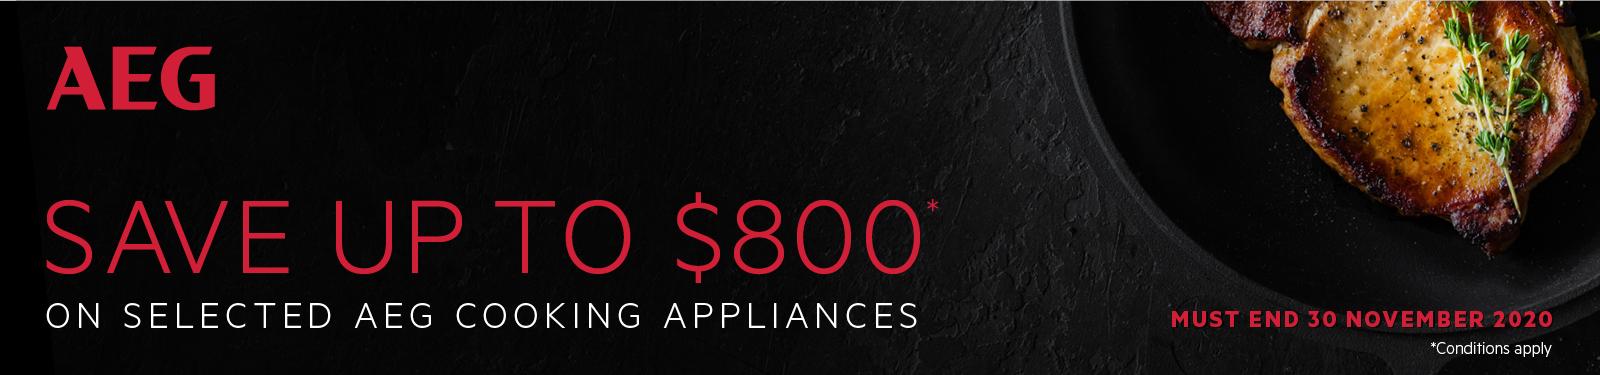 a-dig-save800-cooking-1600x375-nov20.jpg